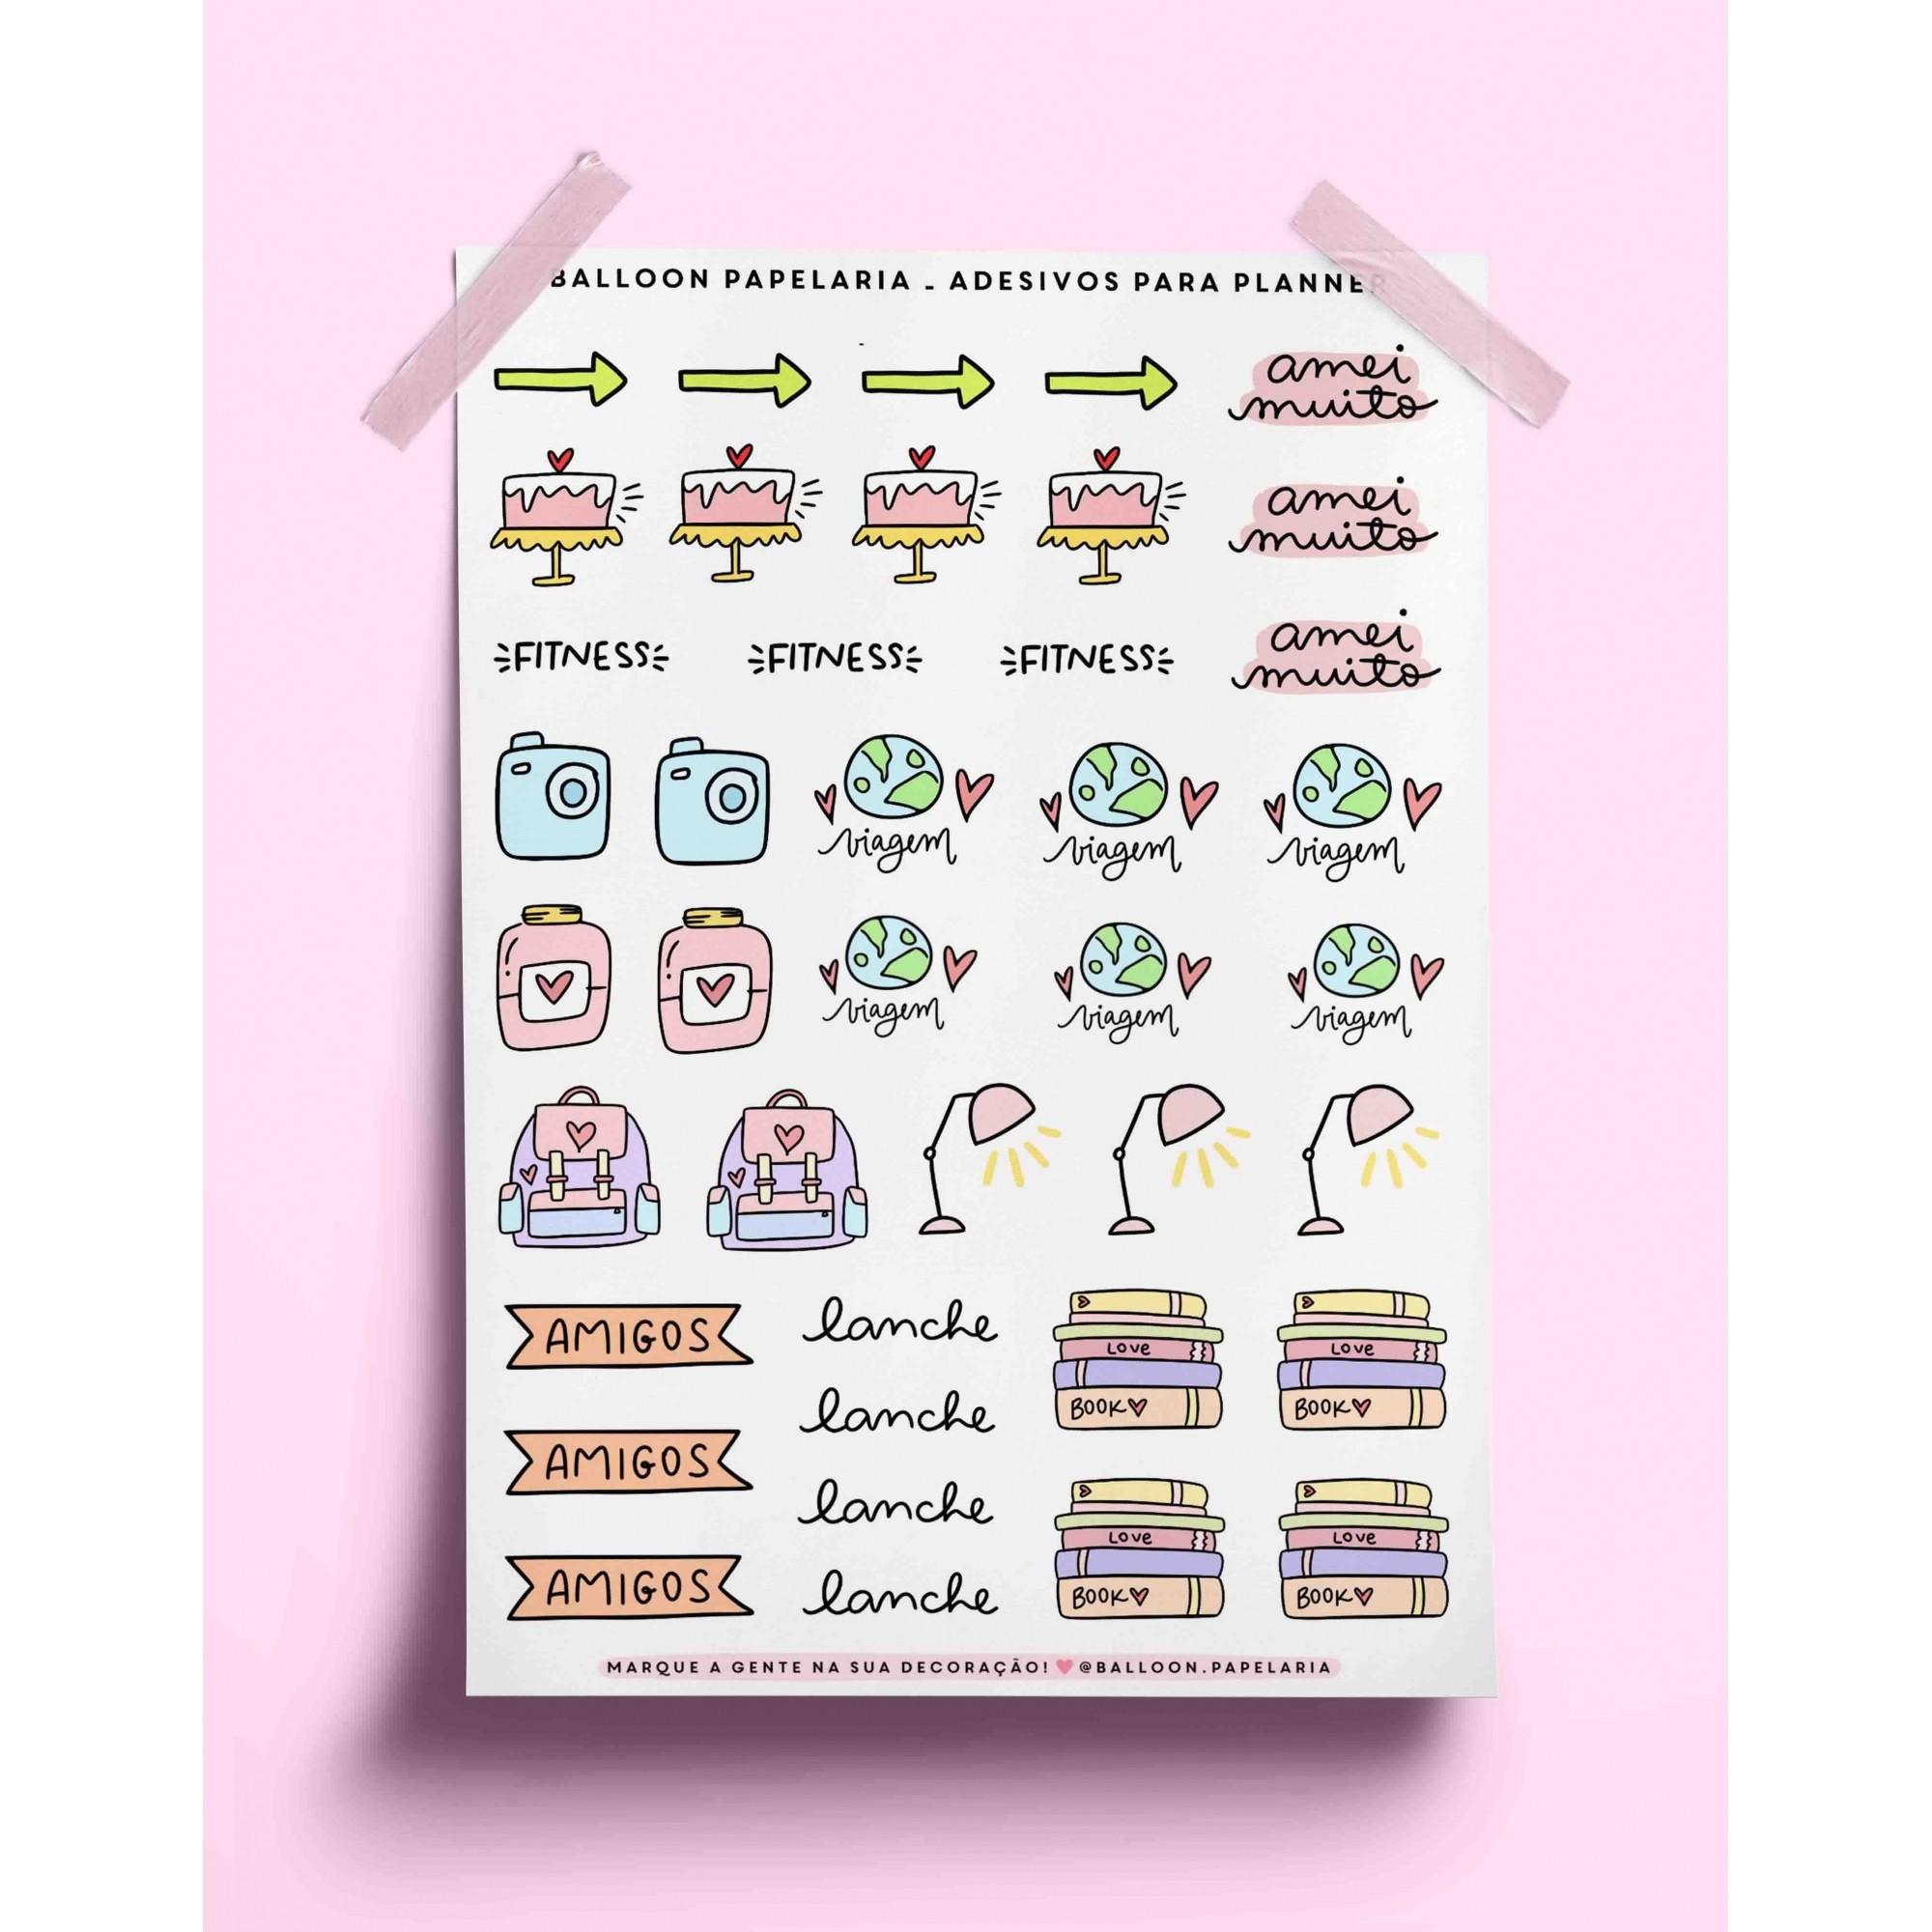 Adesivo para planner - ícones variados 03